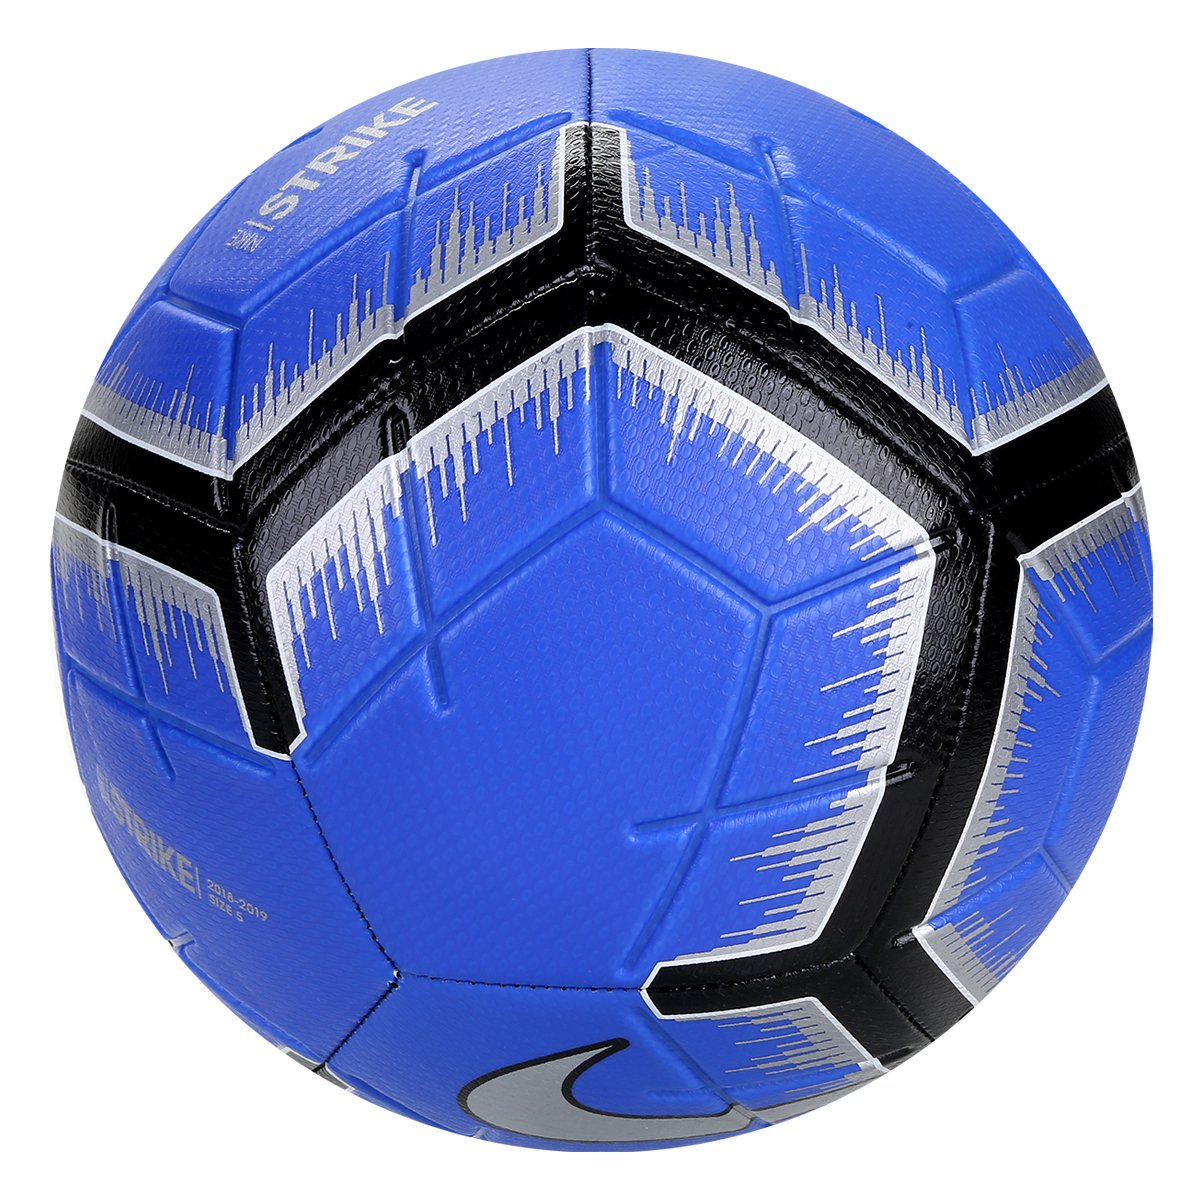 Bola de Futebol Campo Strike Nike - Azul e Preto - Compre Agora ... 43ce8ac0638e9